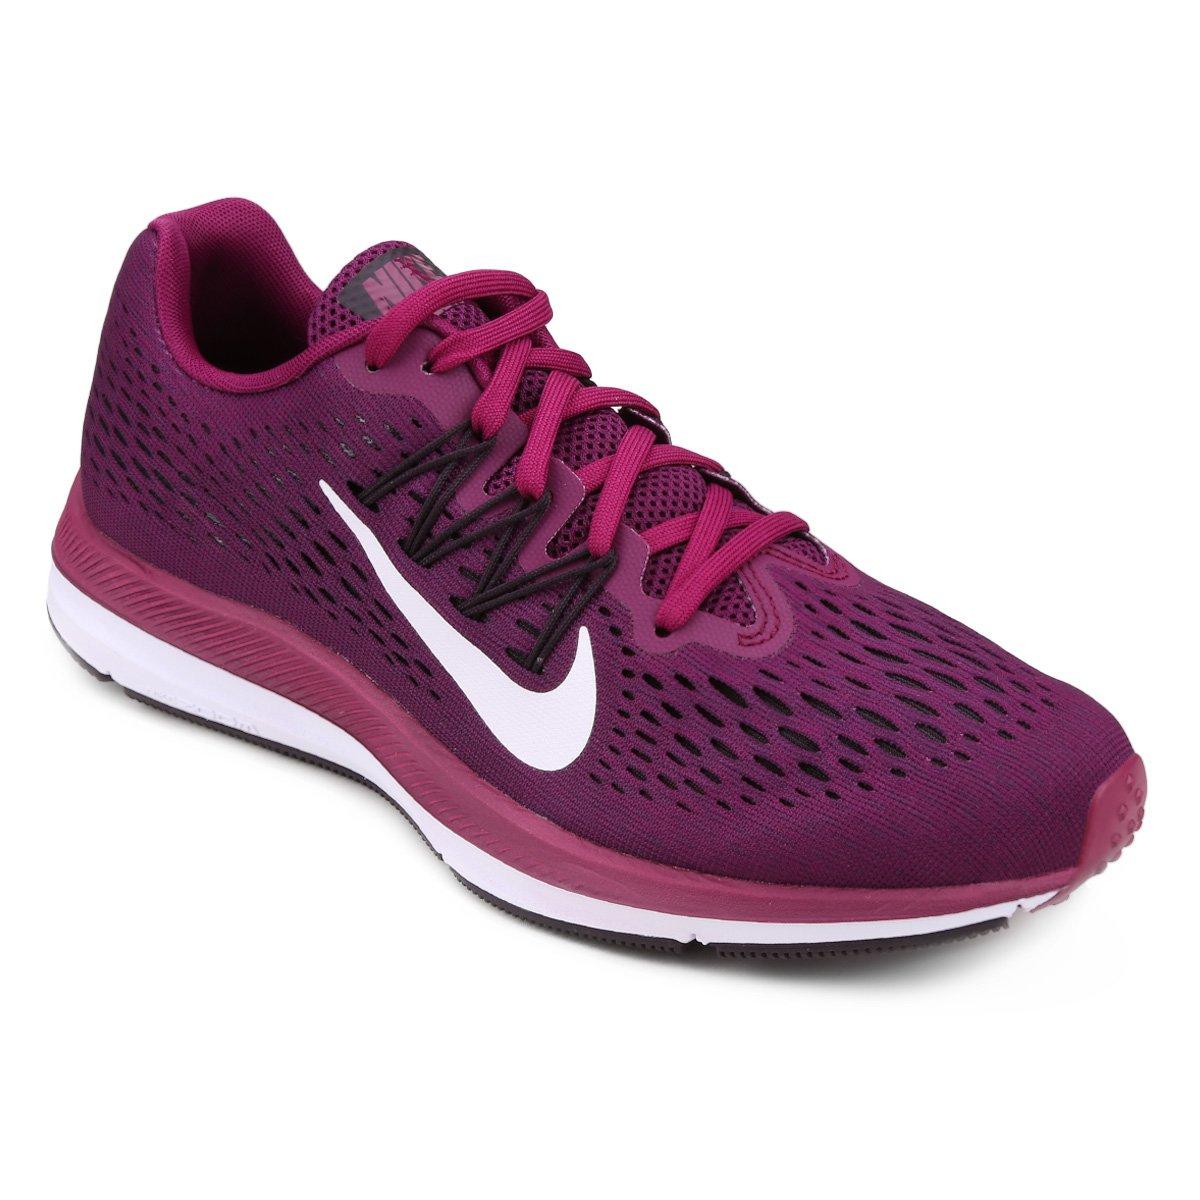 f2bbc31f37 Tênis Nike WMNS Zoom Winflo 5 Feminino - Vinho - Compre Agora